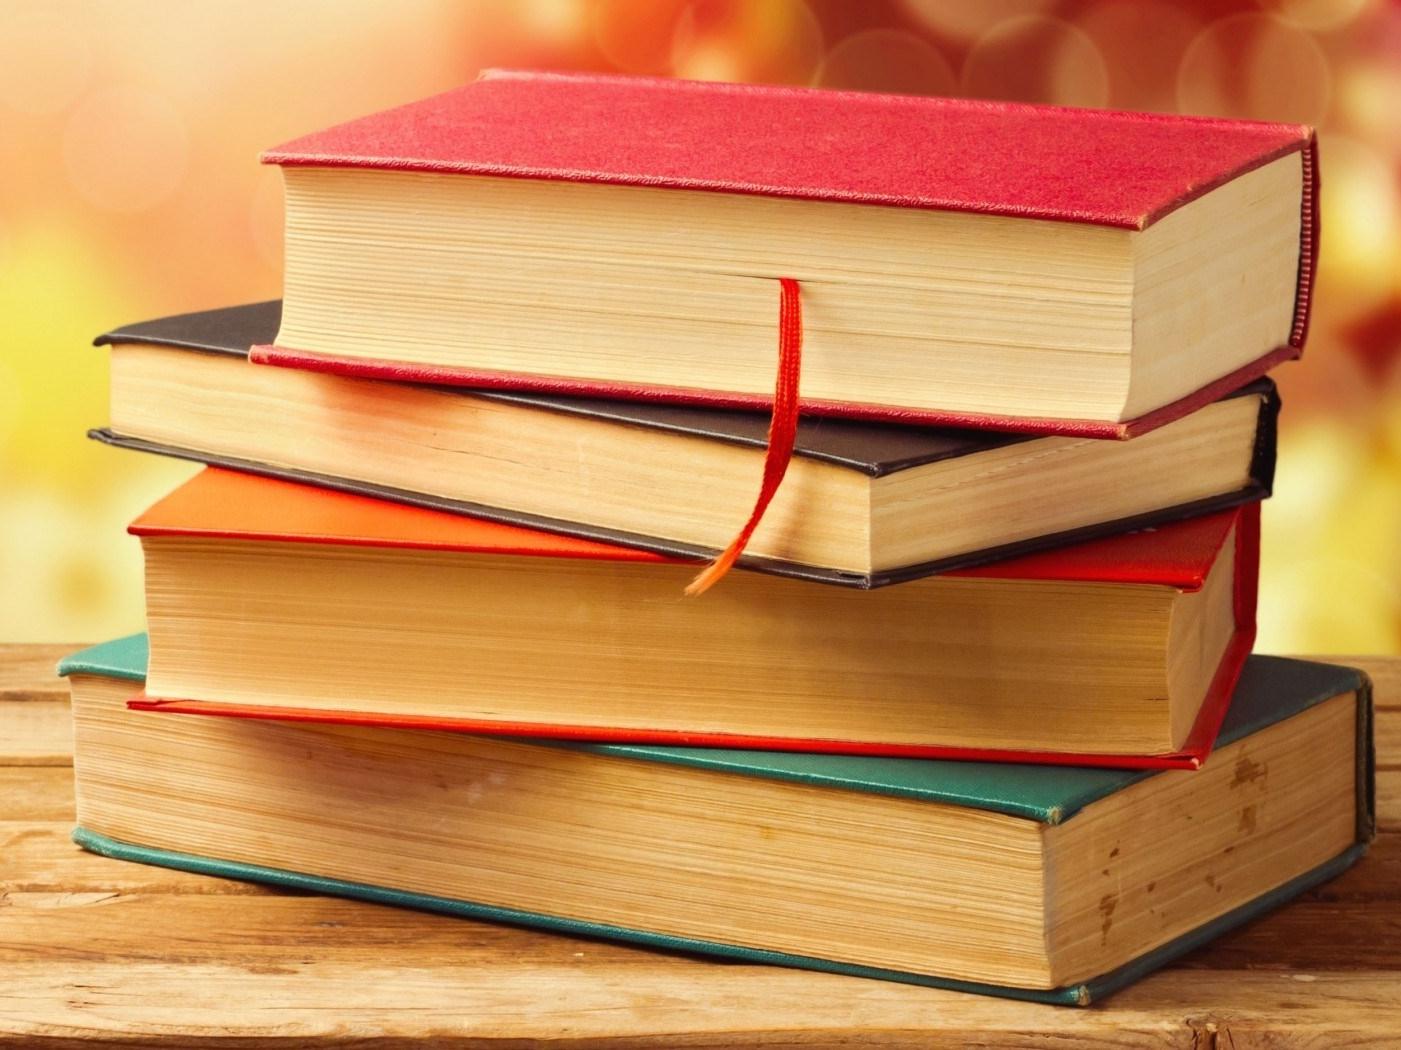 Que tal ler vários livros neste feriadão?